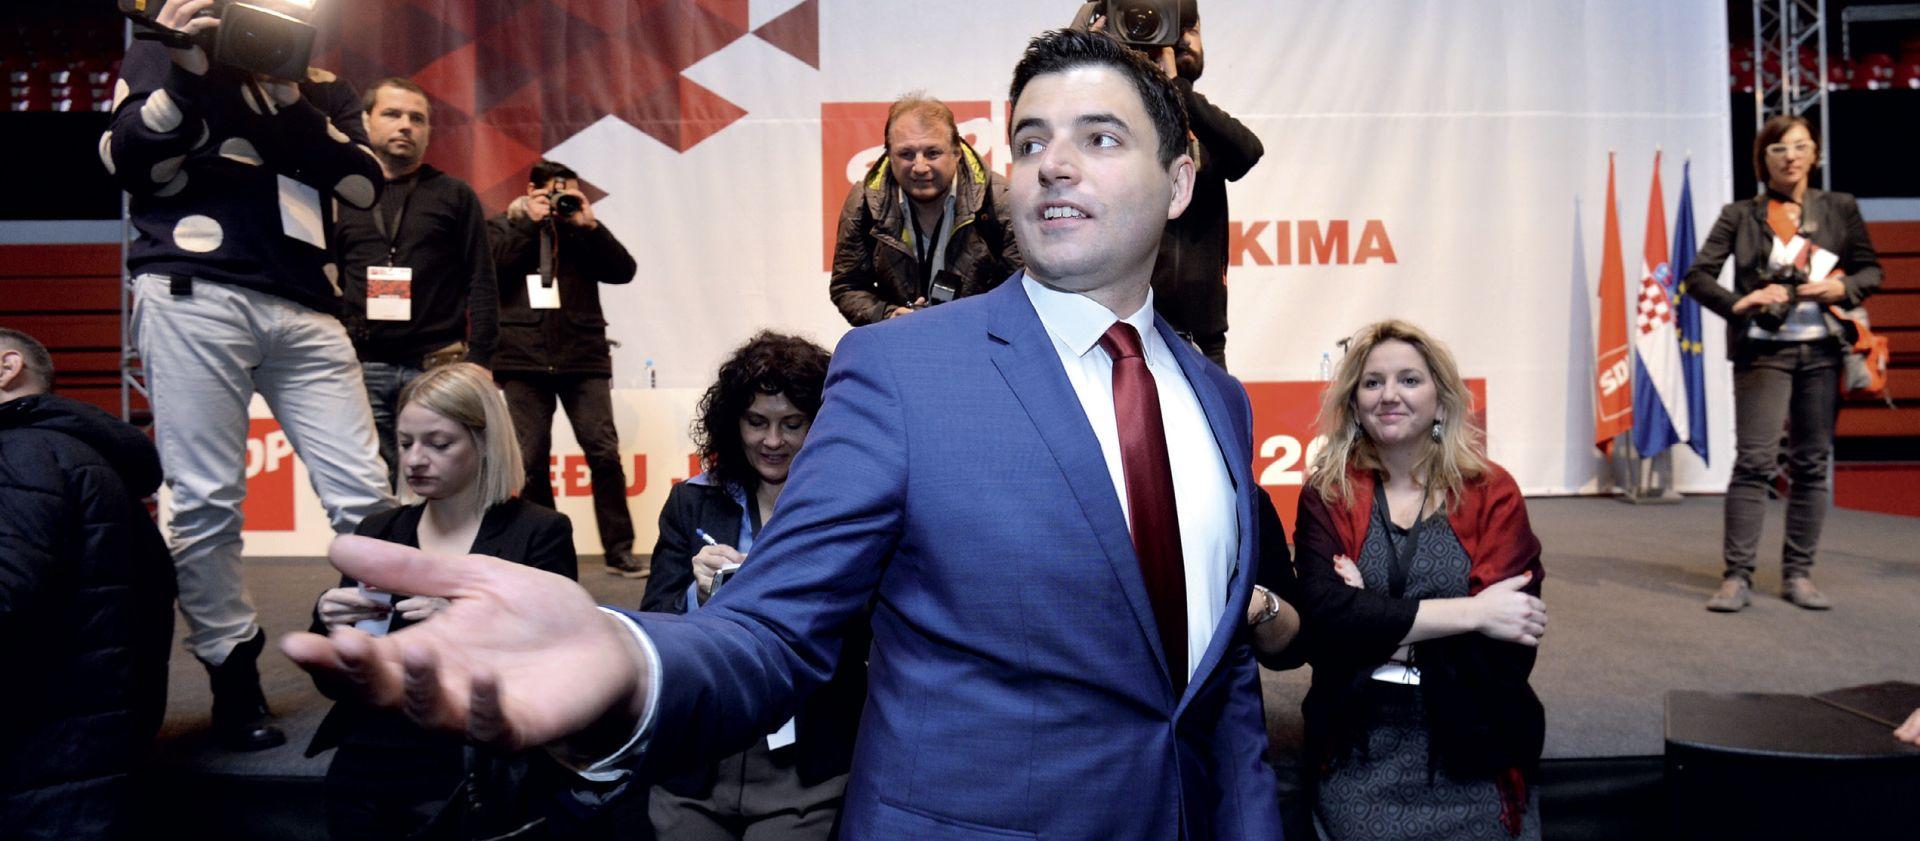 Bernardić uživa povjerenje vrha stranke, ali na lokalnoj razini raste nezadovoljstvo